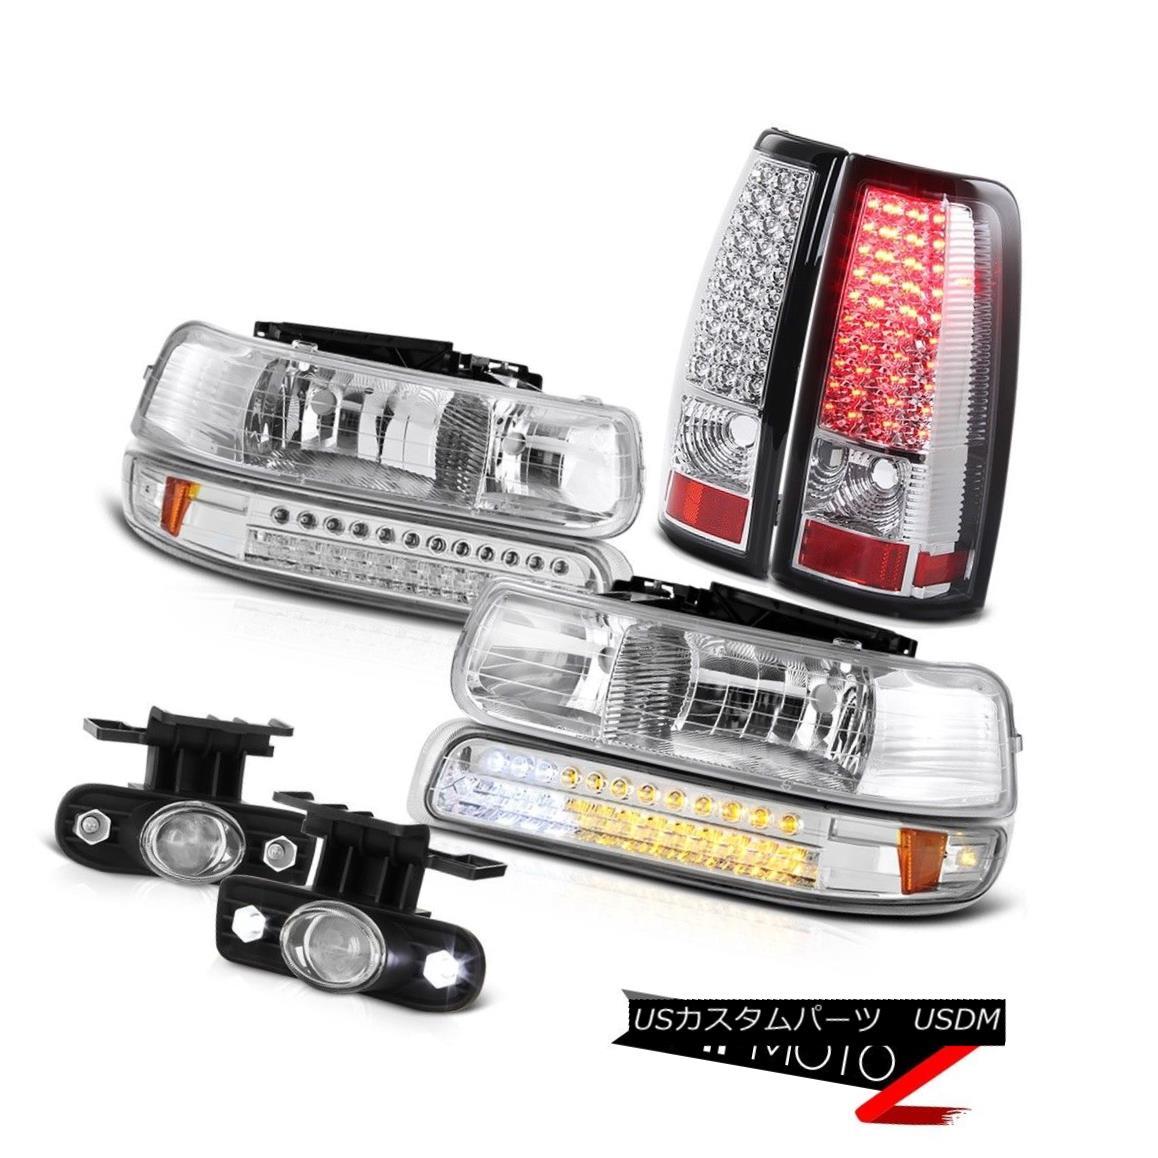 ヘッドライト Pair Chrome Headlights LED Taillights Halo Projector Fog 99-02 Silverado 4.3L V6 ペアクロームヘッドライトLEDテールライトハロープロジェクターフォグ99-02 Silverado 4.3L V6